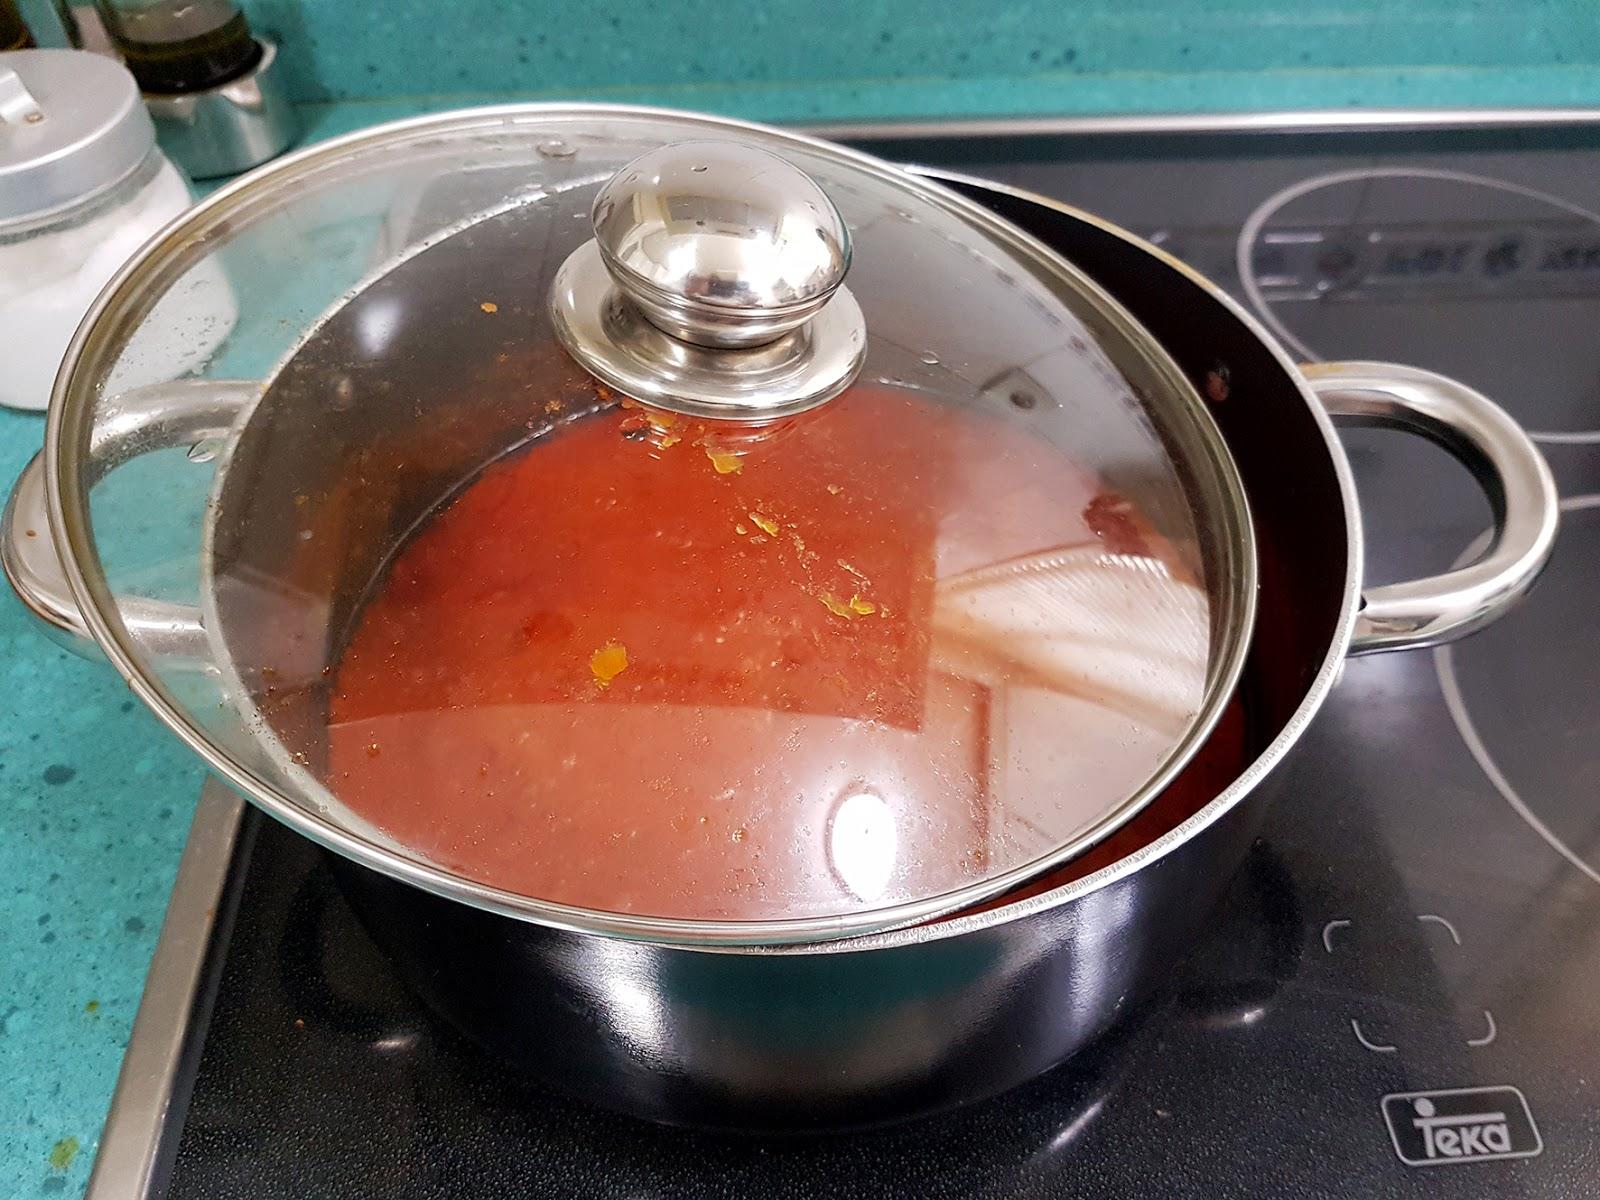 De fogones y libros: Salsa de tomate (tomate frito)